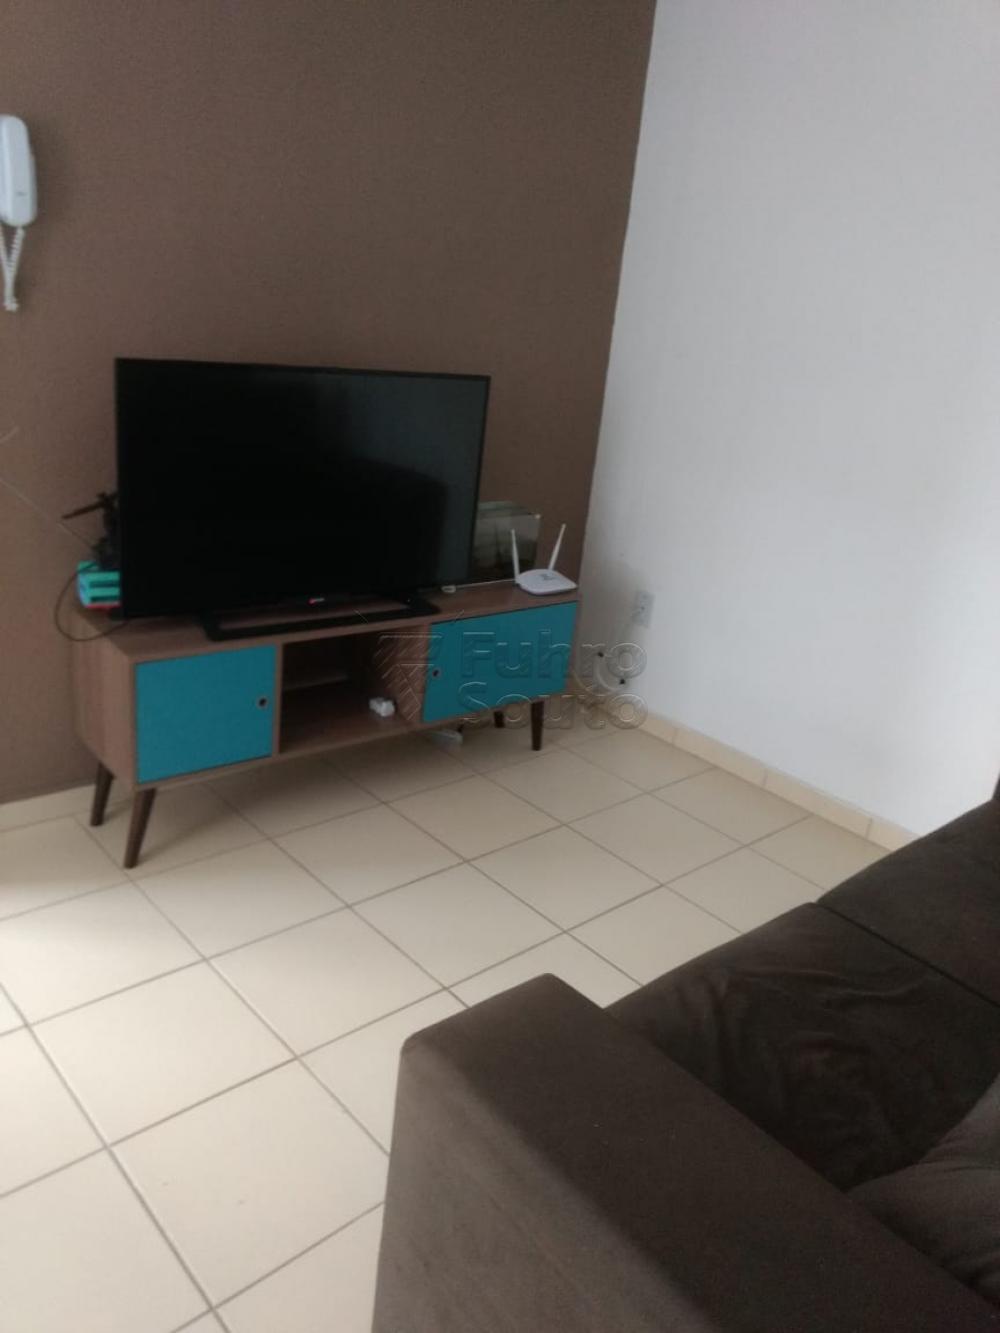 Comprar Apartamento / Padrão em Pelotas R$ 130.000,00 - Foto 1